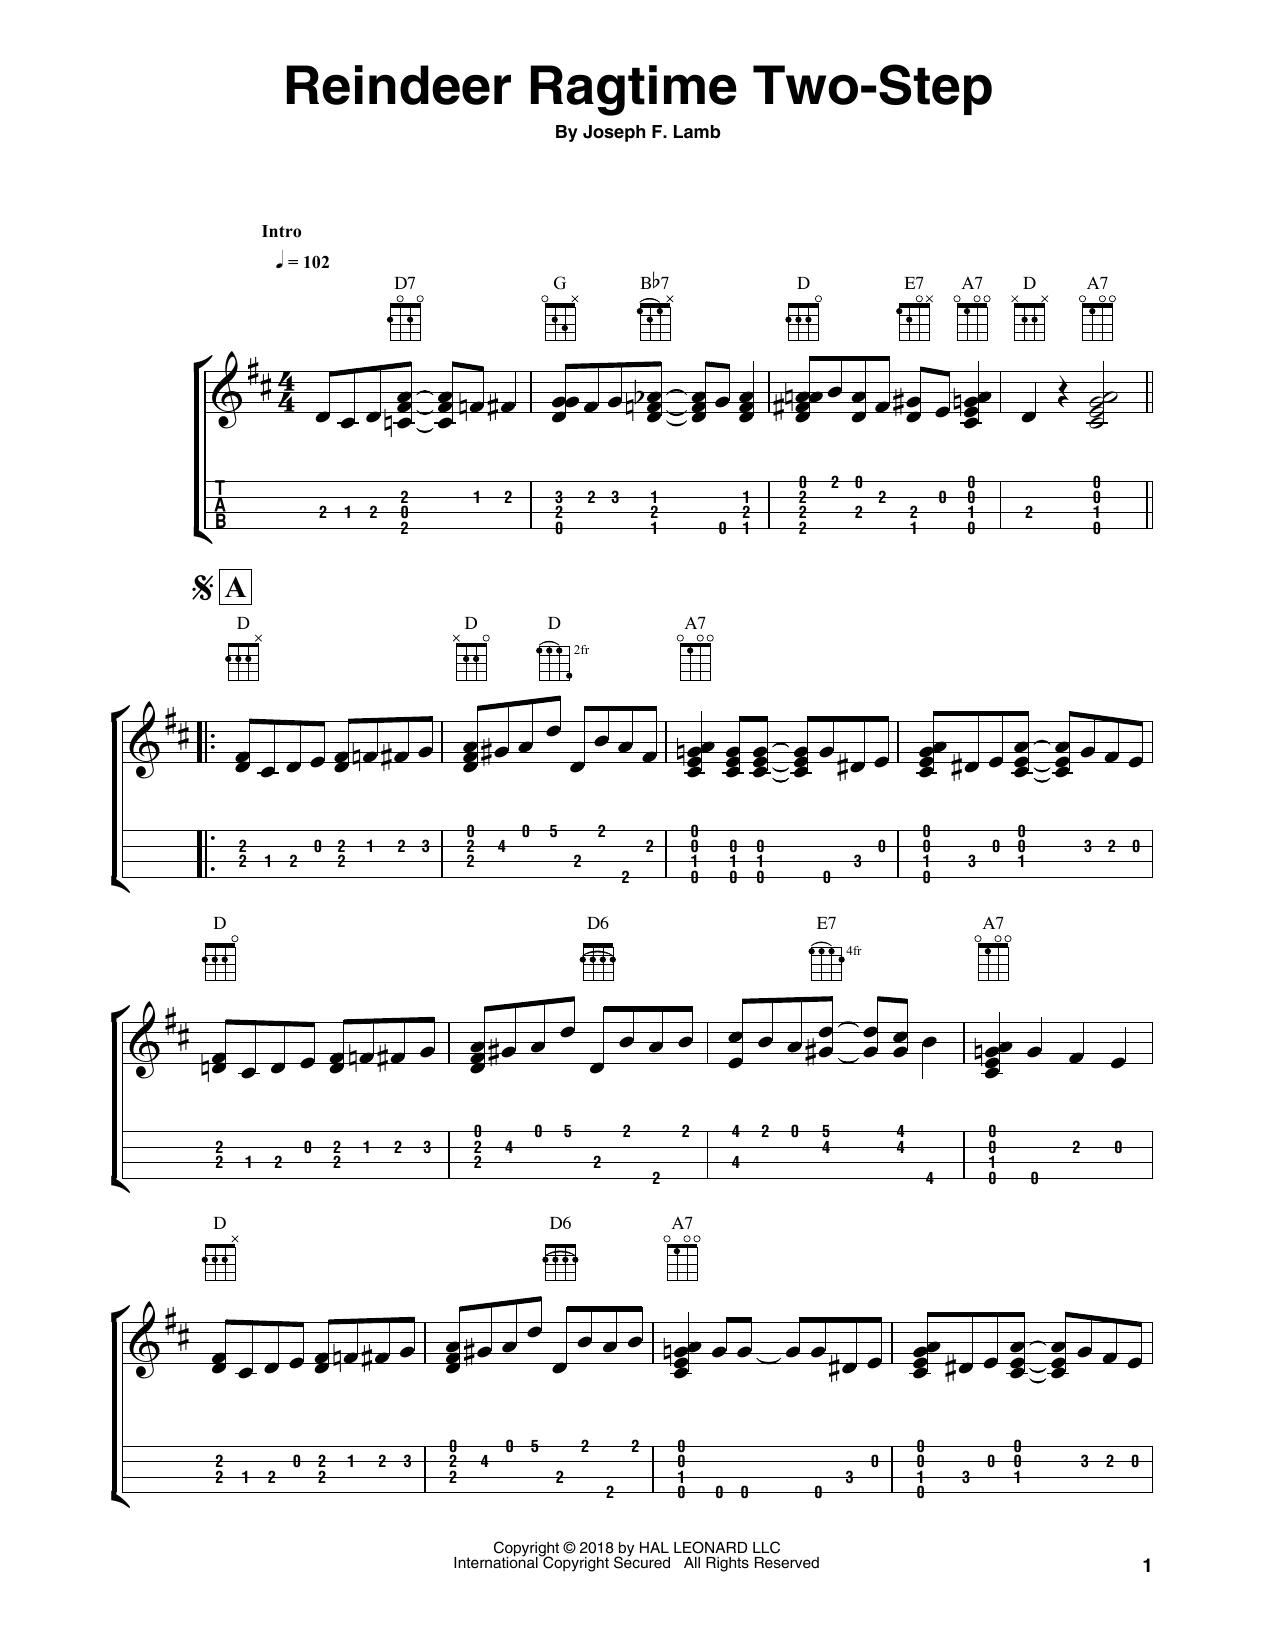 Reindeer Ragtime Two-Step Sheet Music